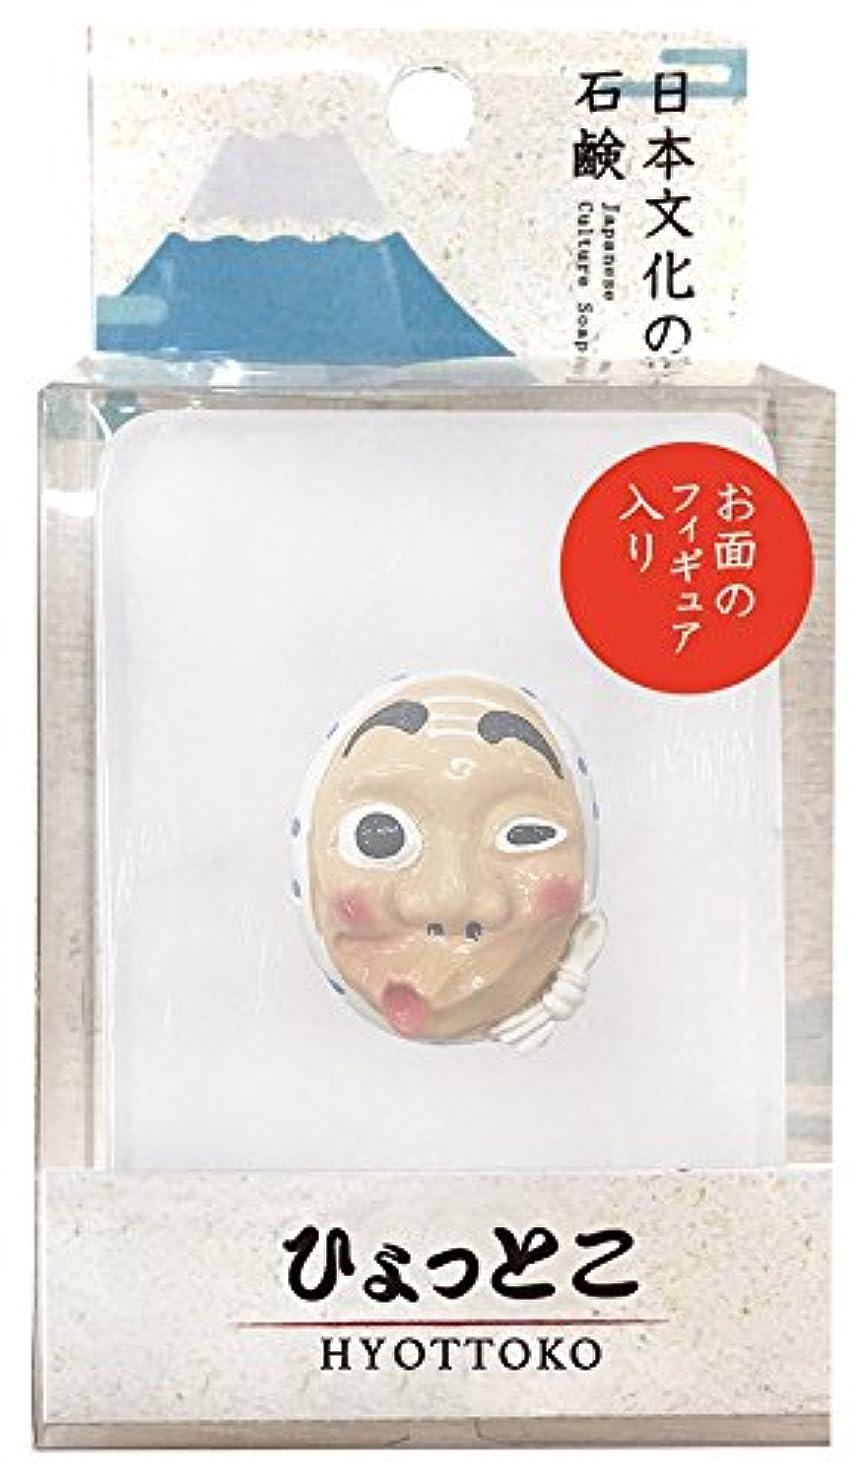 も最終本能ノルコーポレーション 石鹸 日本文化の石鹸 ひょっとこ 140g フィギュア付き OB-JCP-1-1